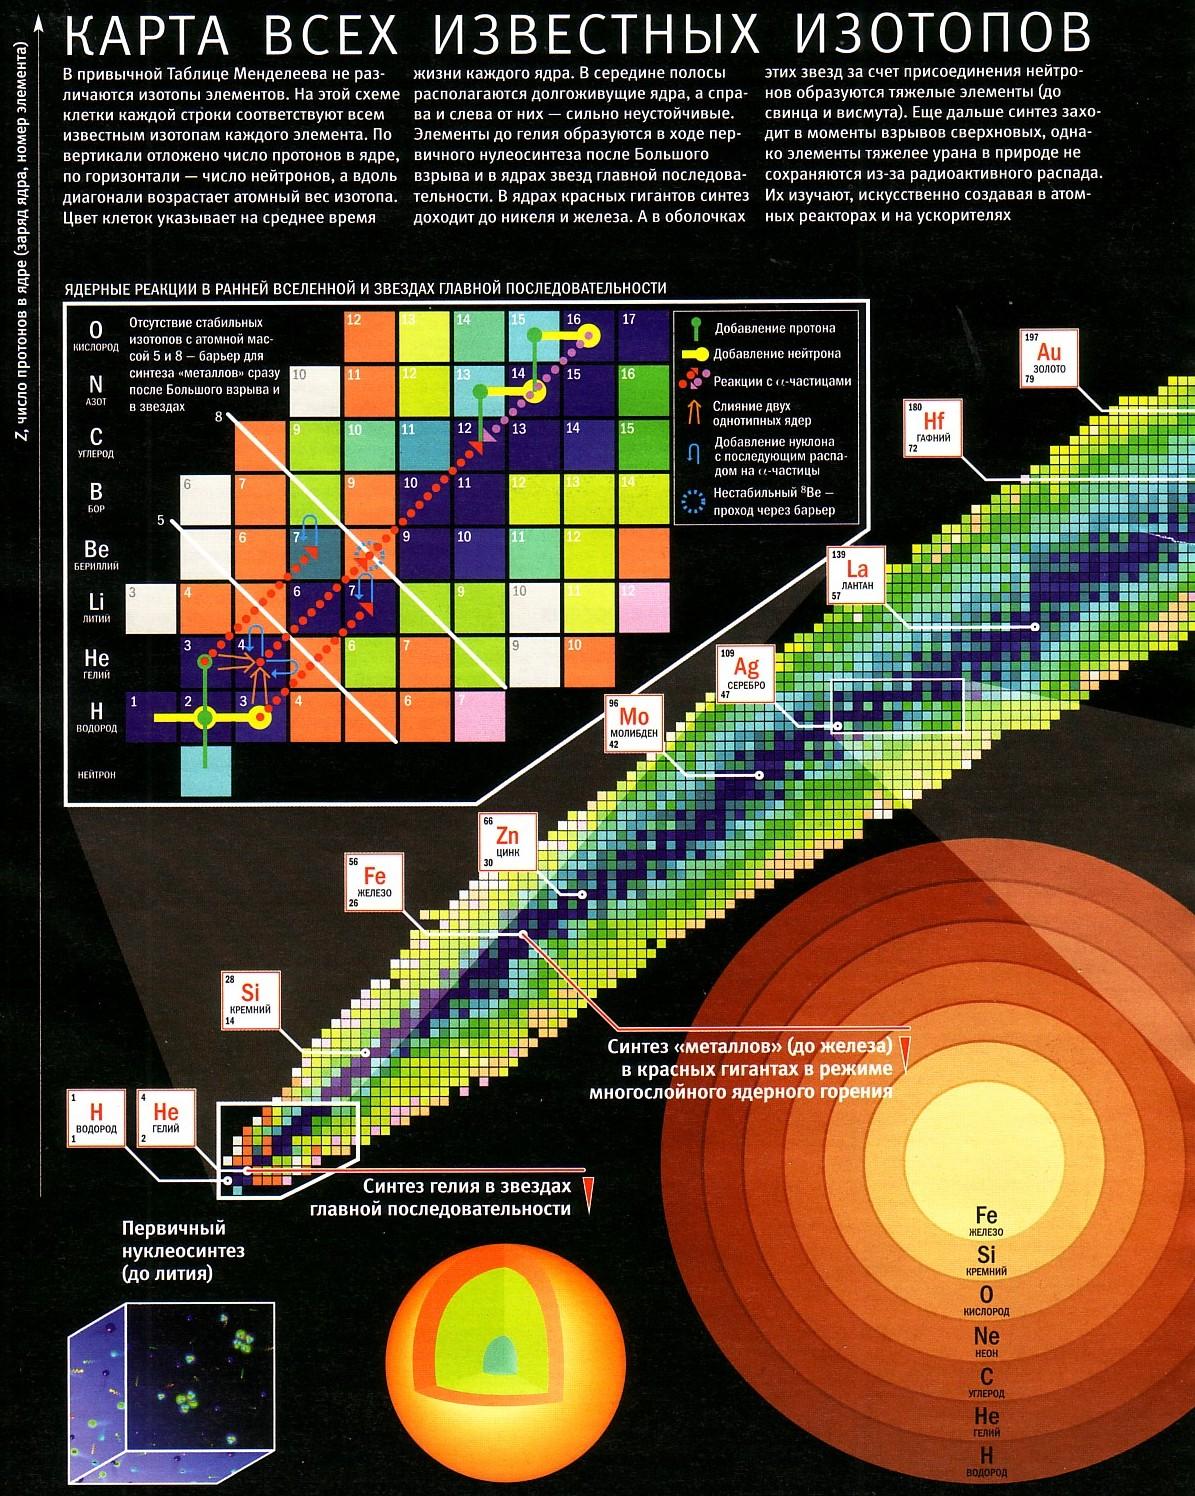 Химический состав звёзд